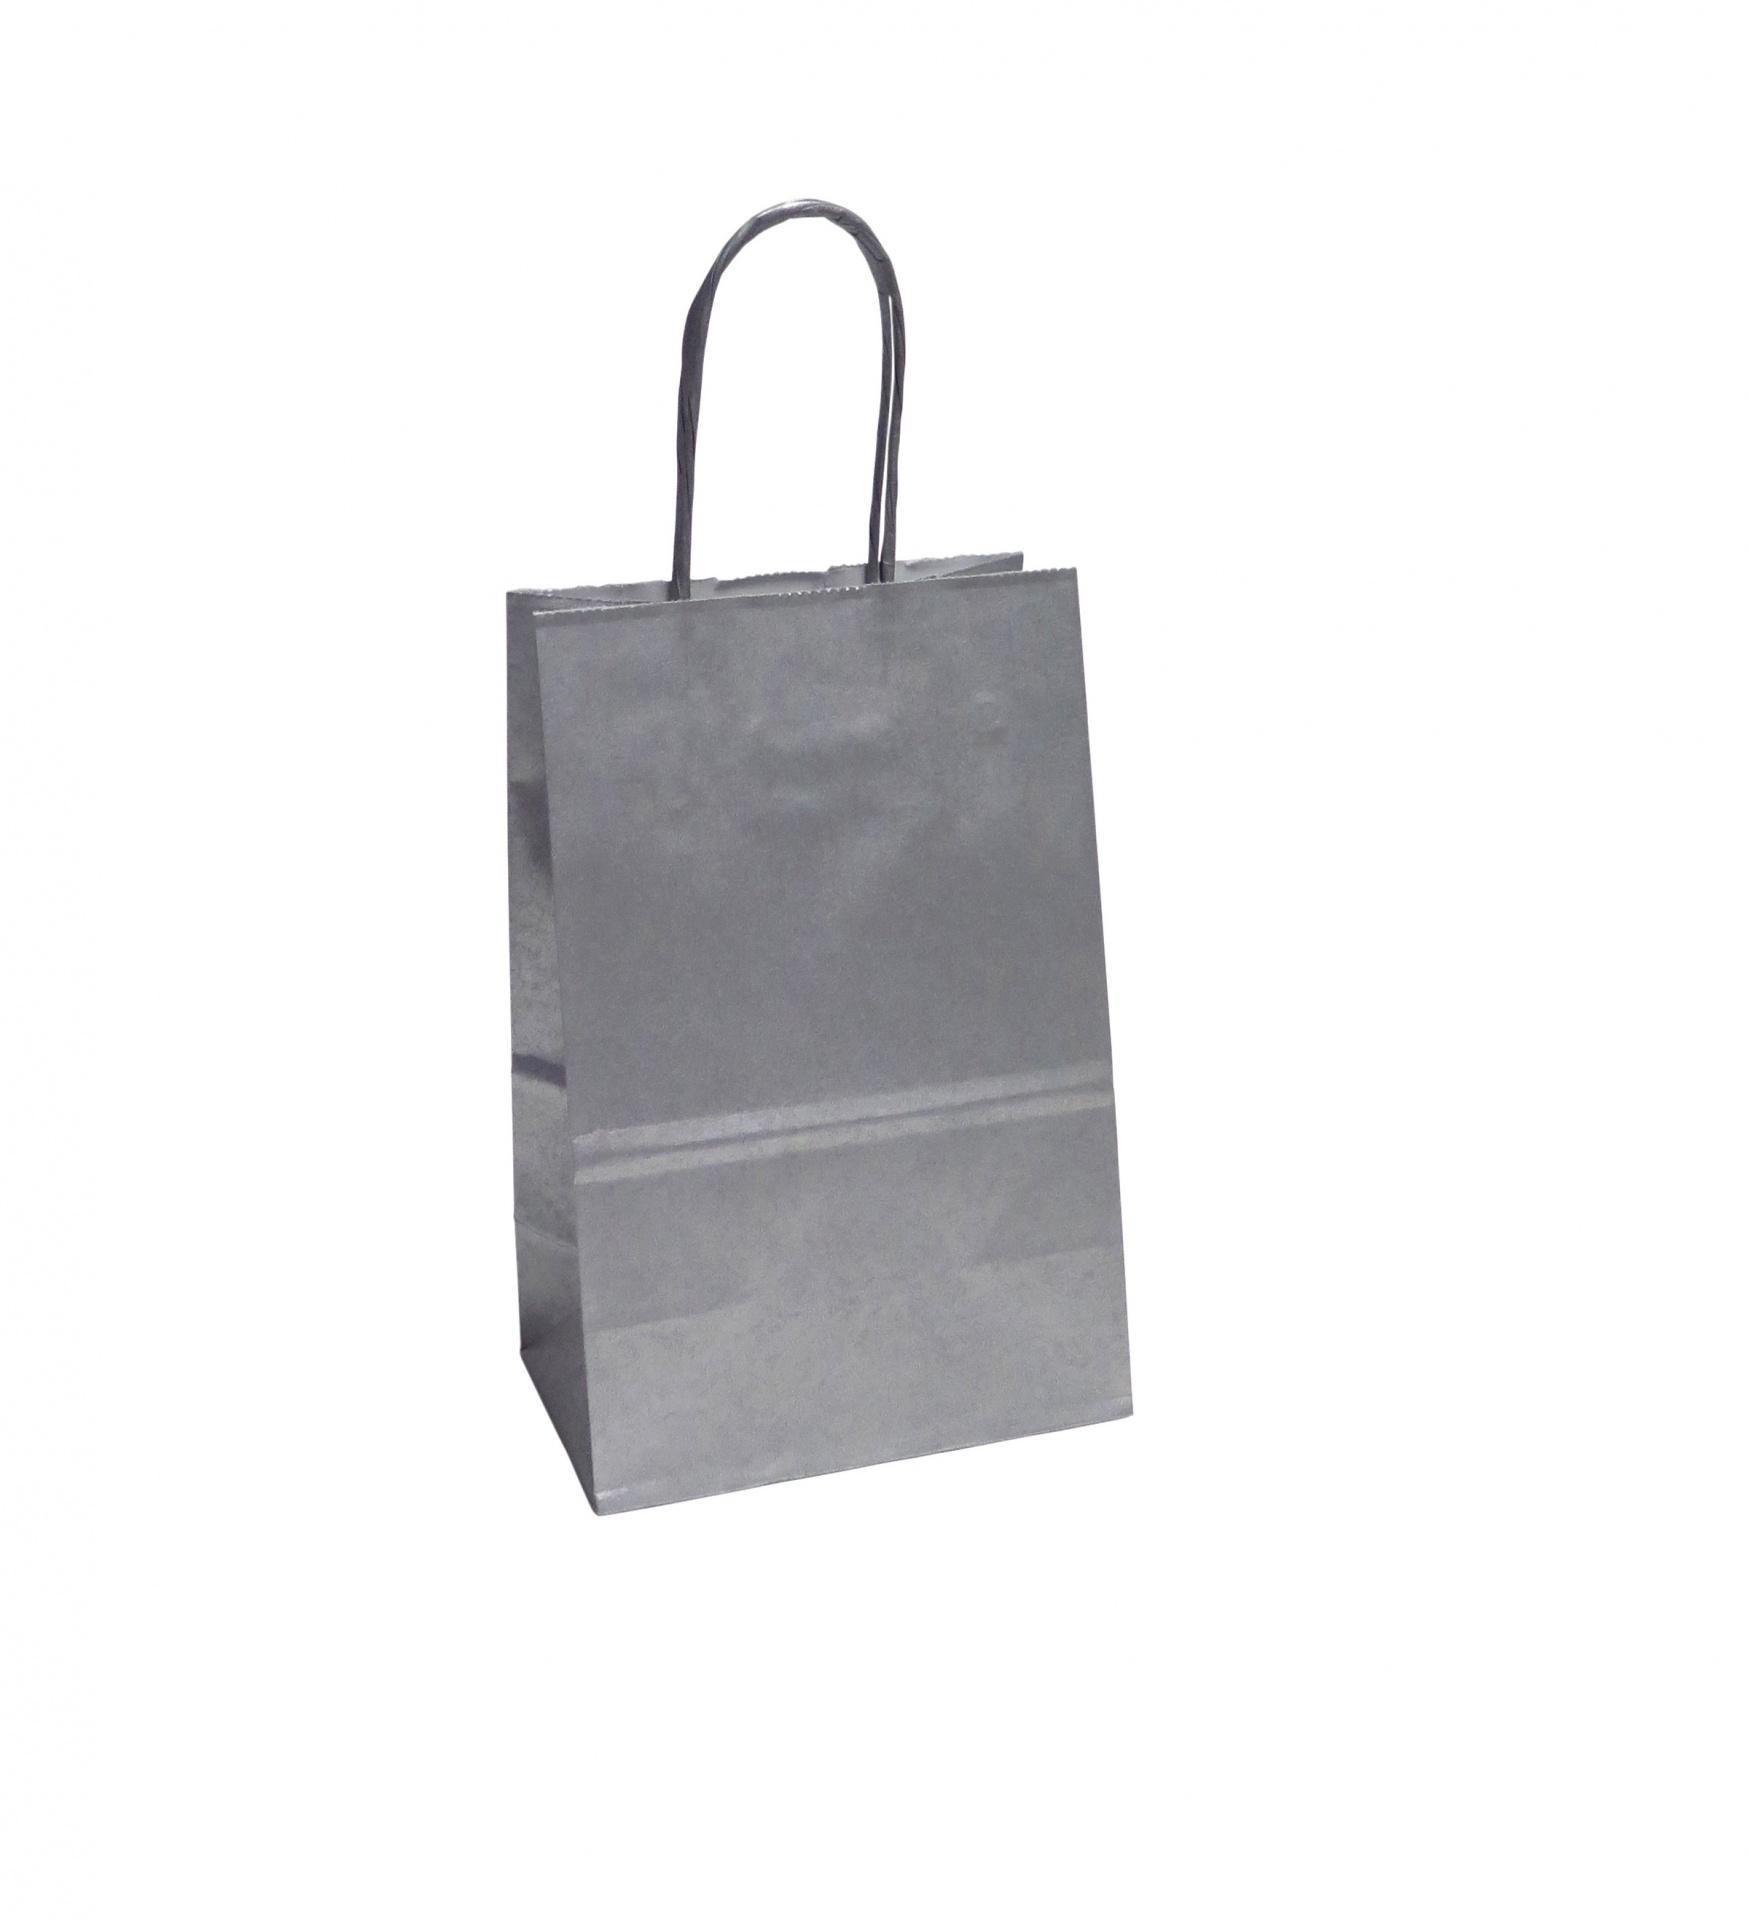 Saco Papel Mini prata 13,5x11x6 cm